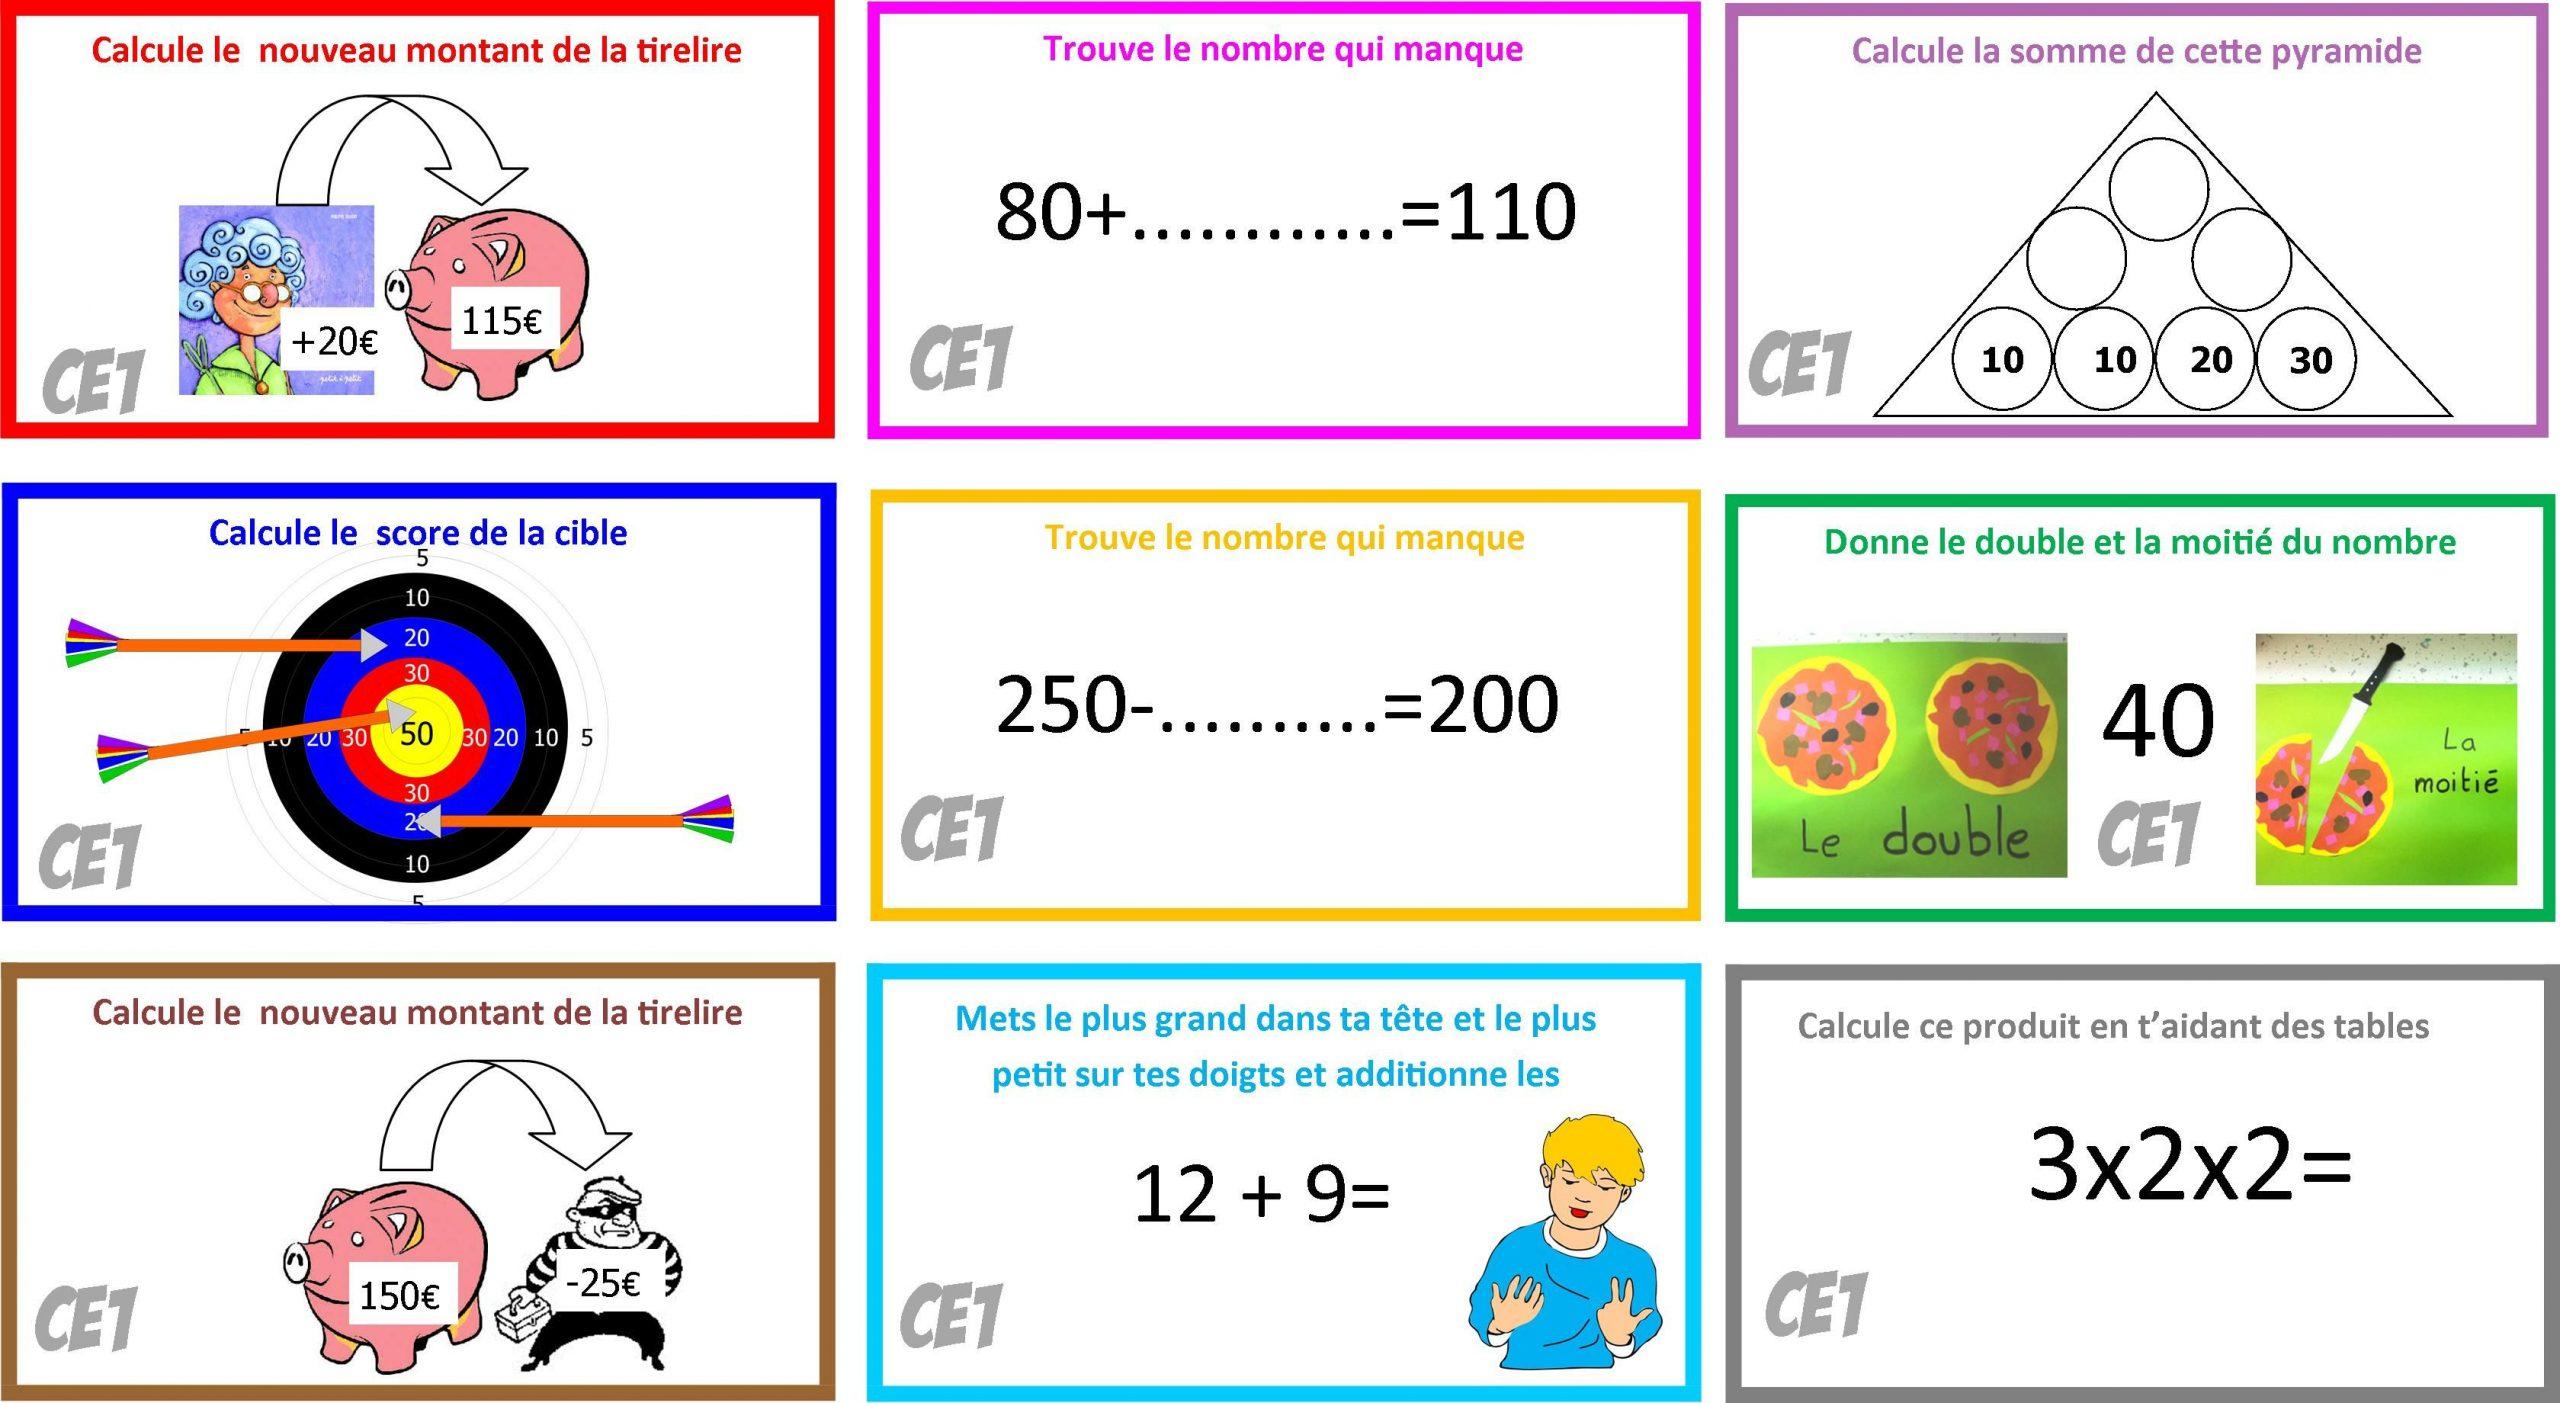 Cartes Himathslaya 2 (Avec Images)   Jeux De Calcul Mental tout Jeux De Maths Facile